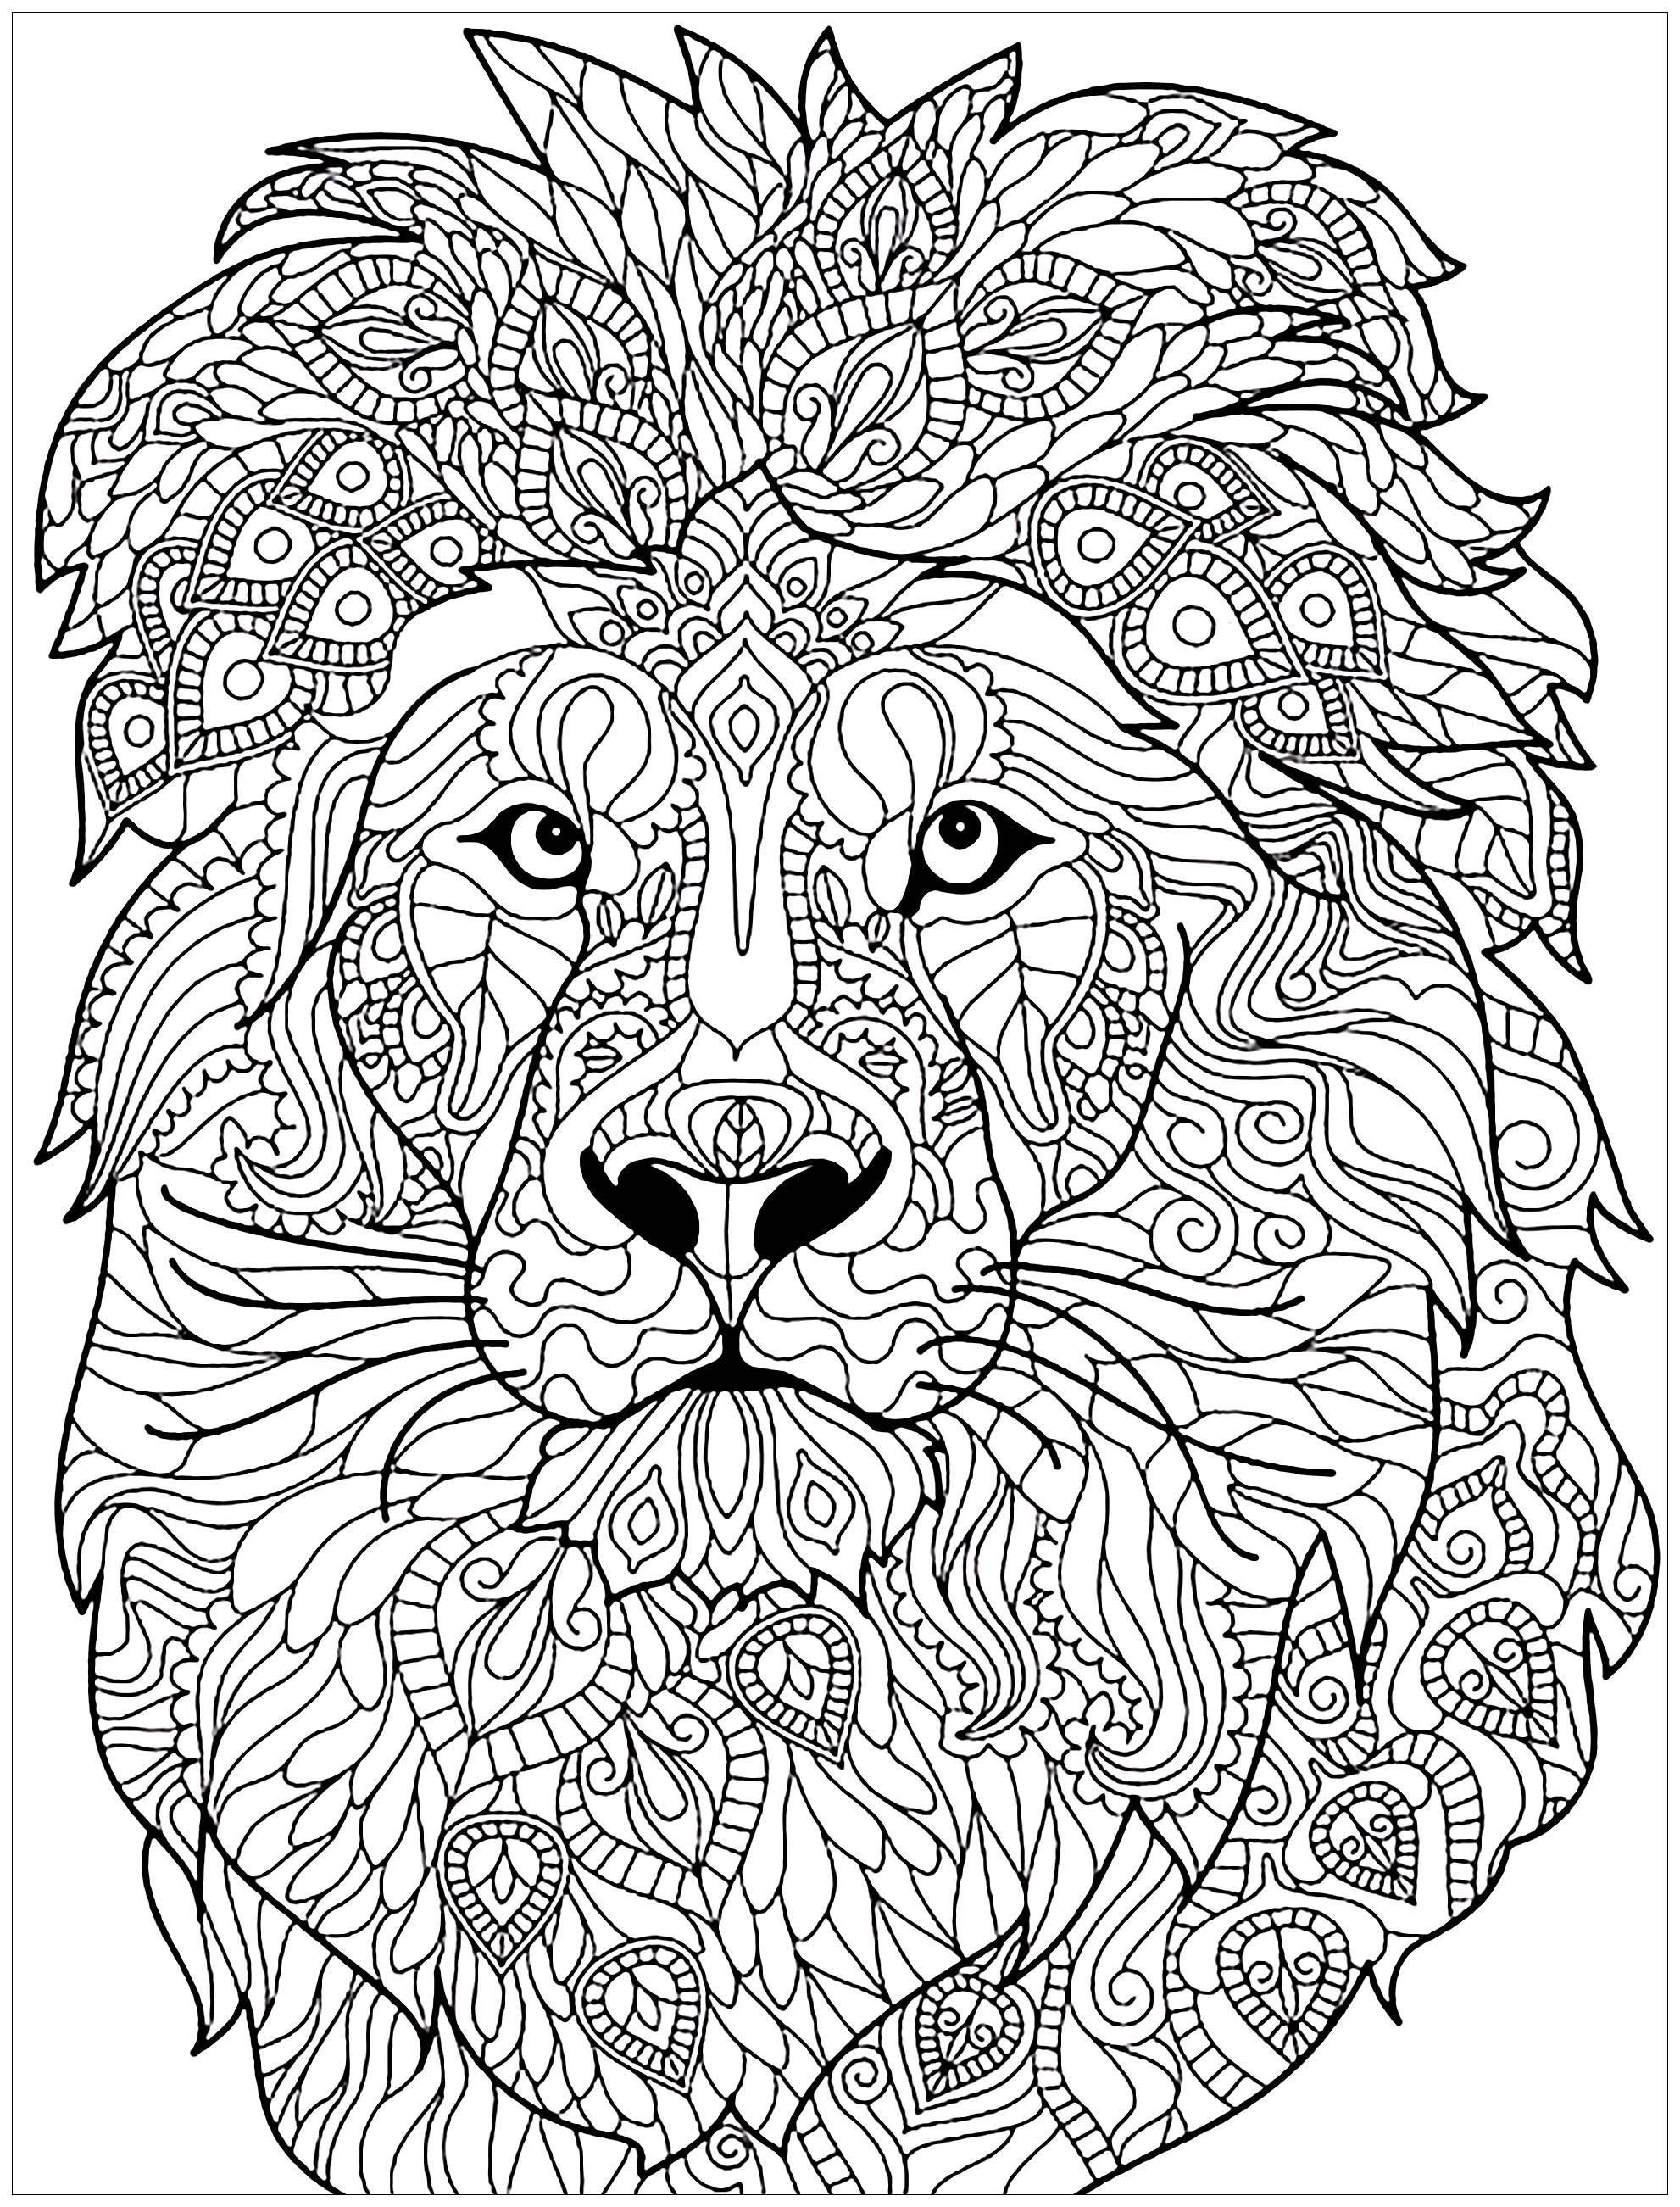 Dibujos Para Colorear Mandalas De Buhos Buho Con Página Clave Para